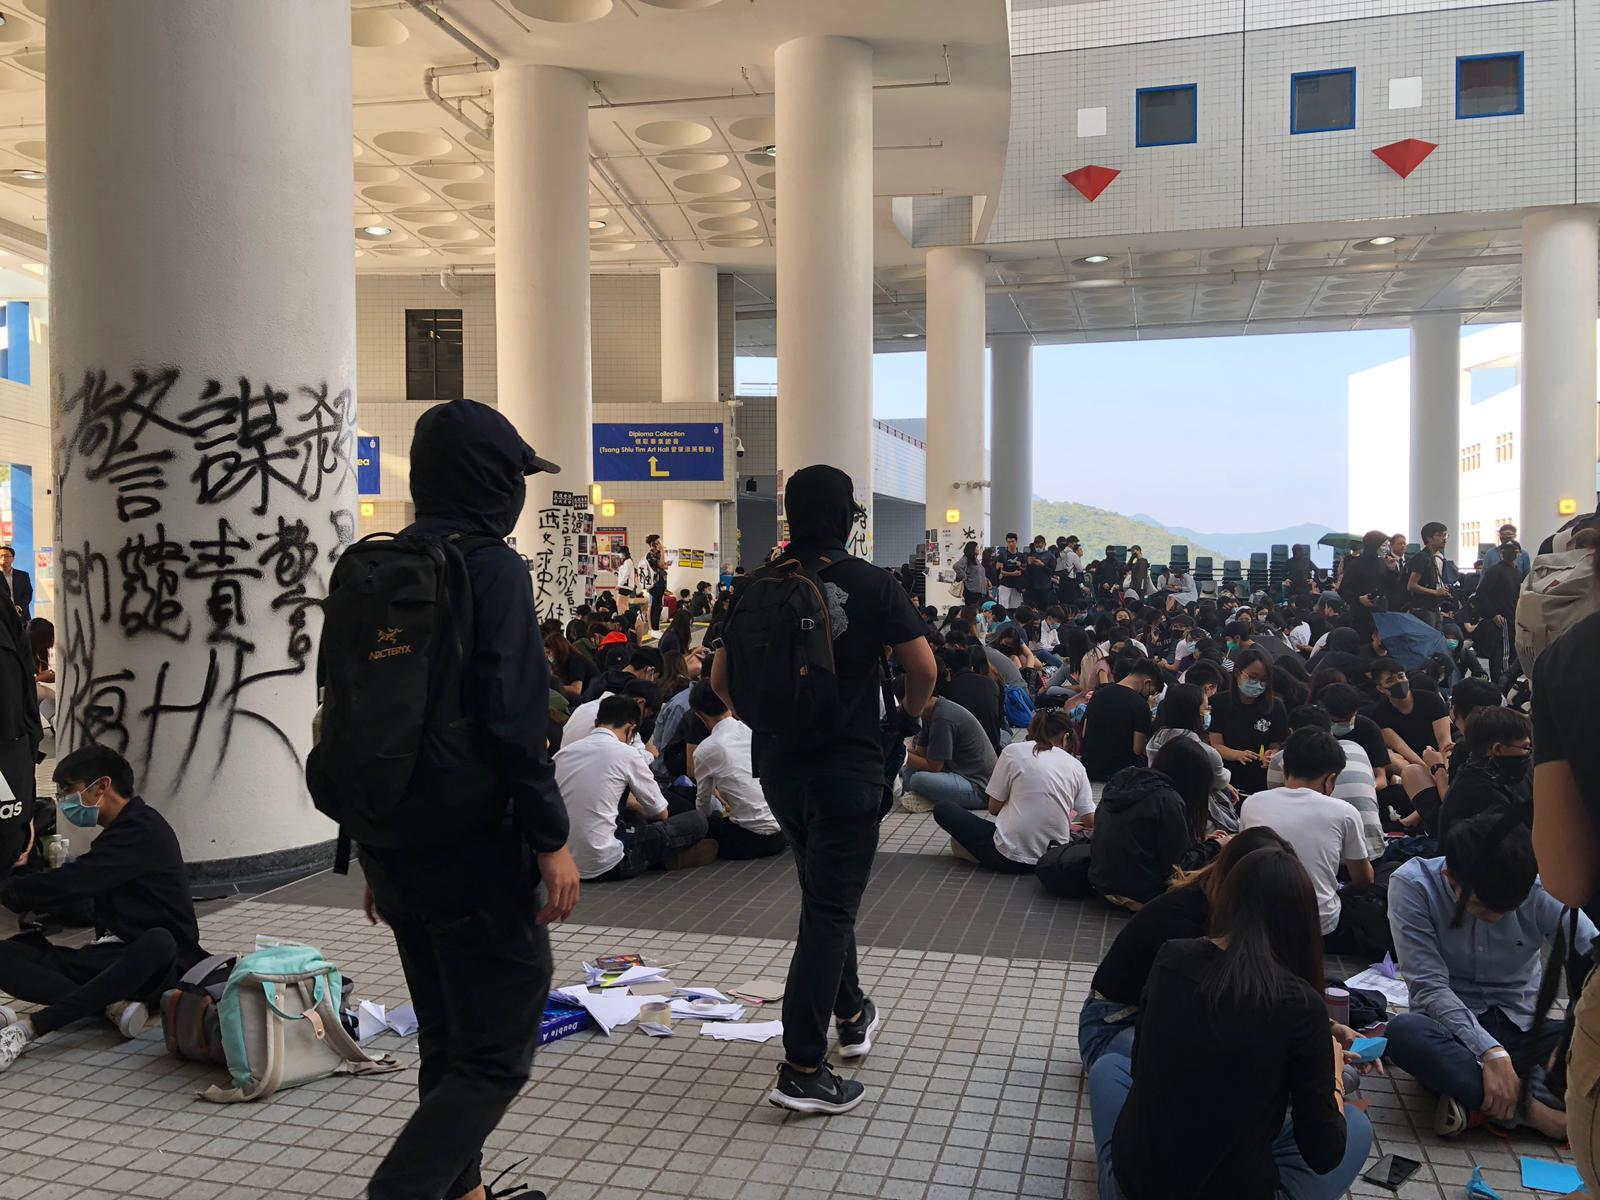 破壞行動結束後,學生們撐傘經吳家瑋學術廊走回賽馬會大堂坐下。